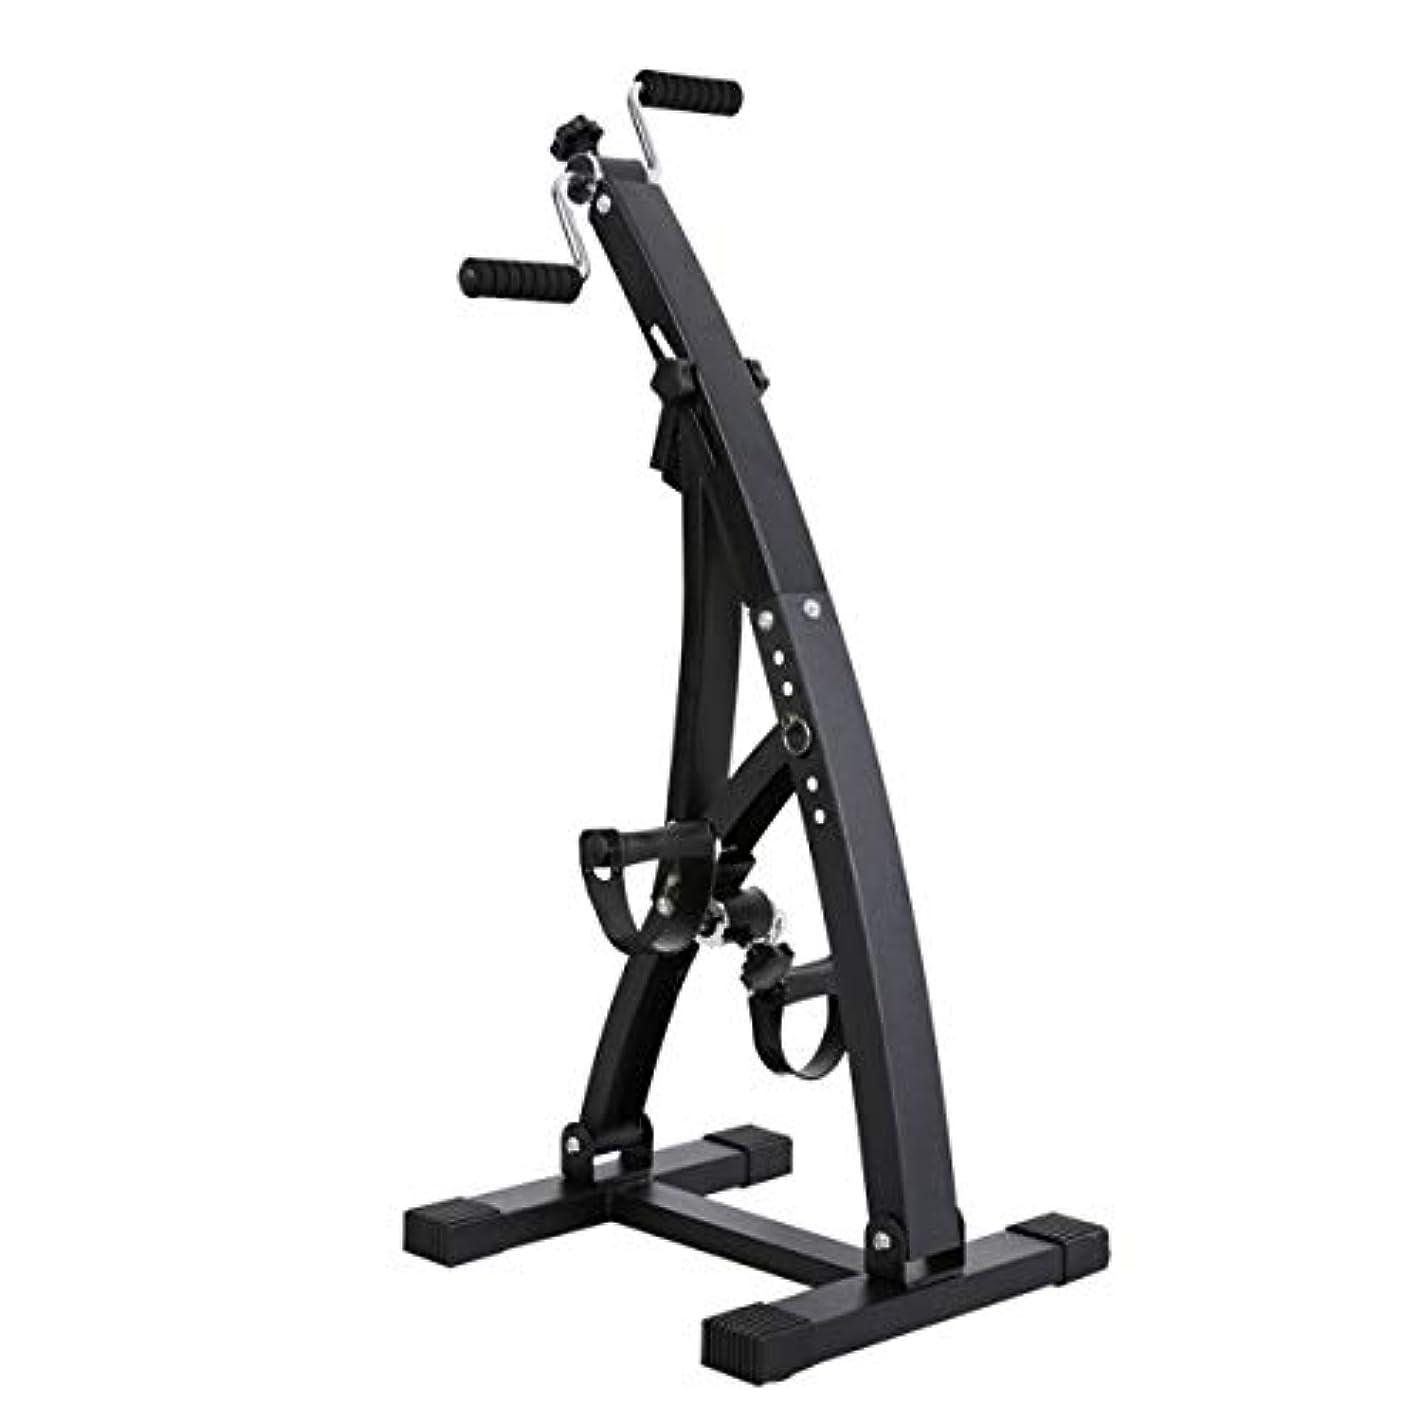 敬意を表してヒゲハンディメディカル全身エクササイザー、 折り畳み式の腕と脚のペダルエクササイザー、上肢および下肢のトレーニング機器、筋萎縮リハビリテーション訓練を防ぐ,A